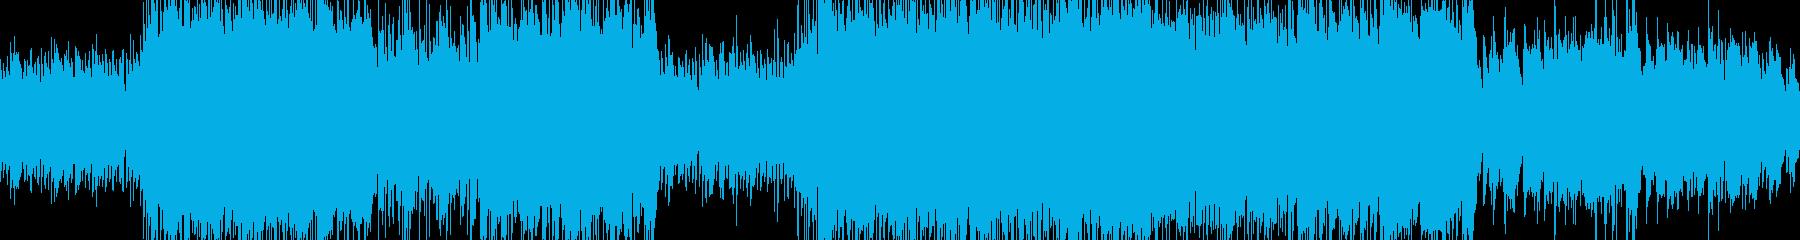 ピアノの旋律が特徴的なBGM:遺跡の再生済みの波形